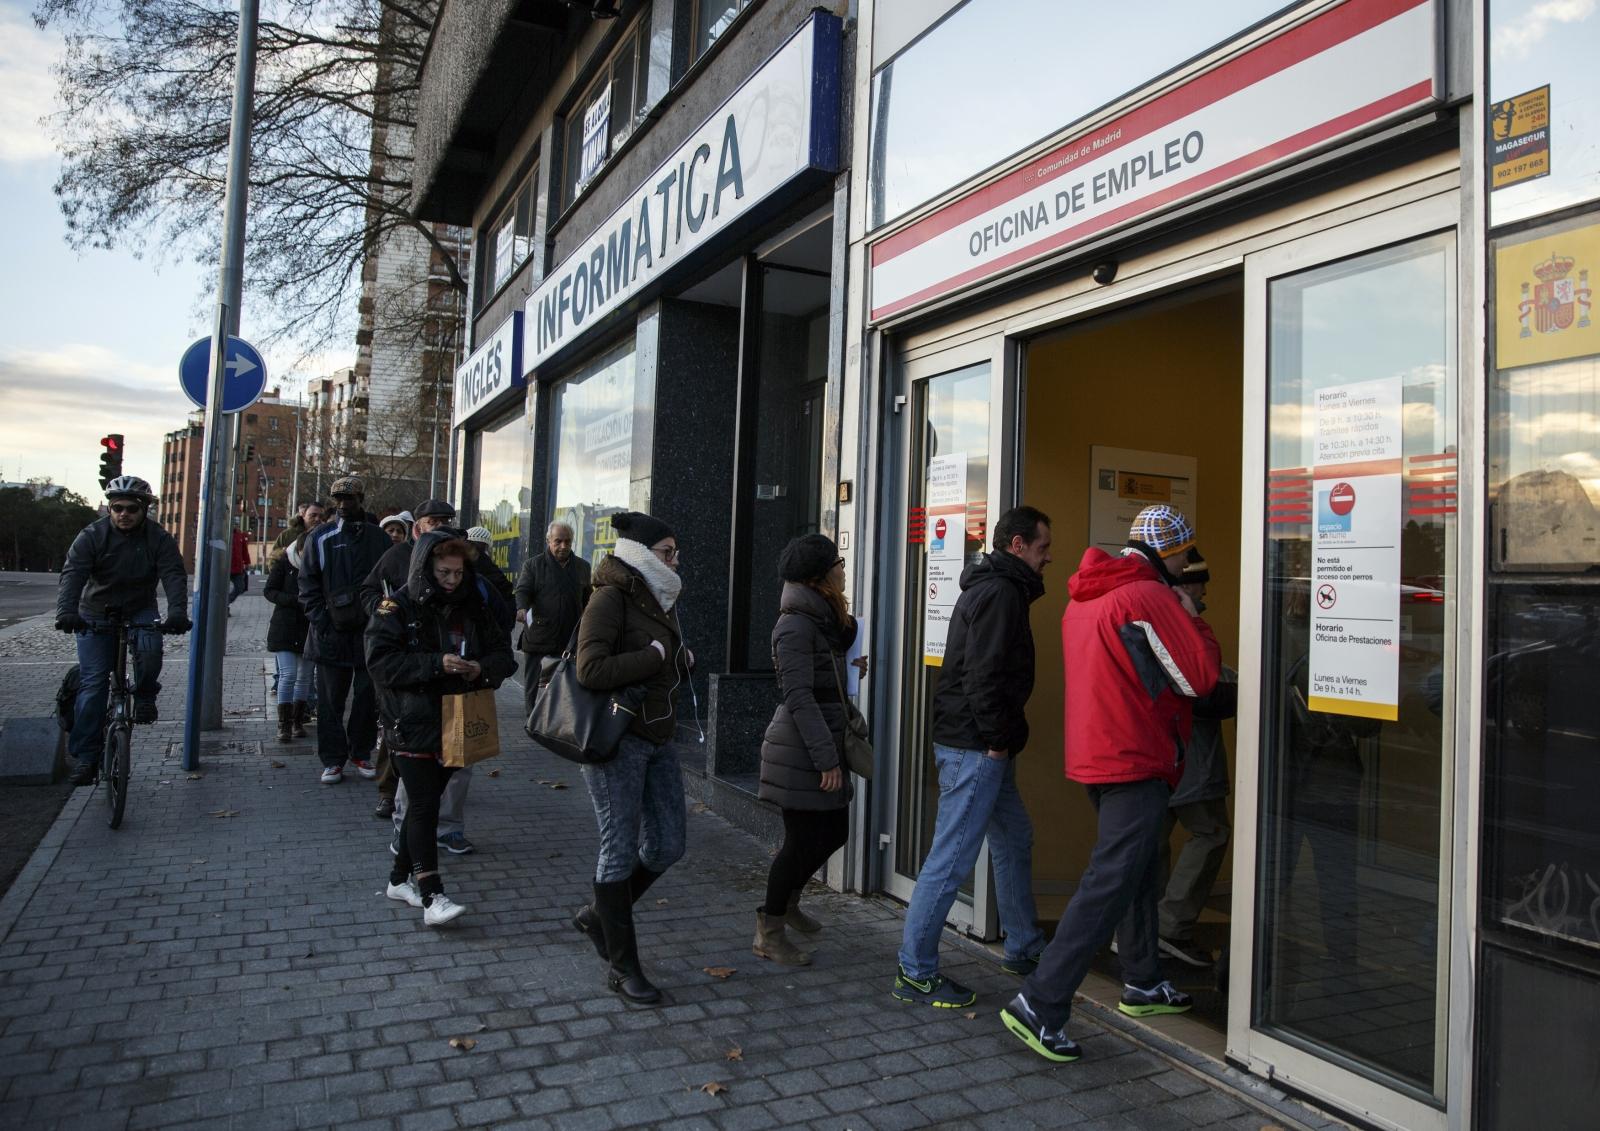 Unemployment in Madrid, Spain